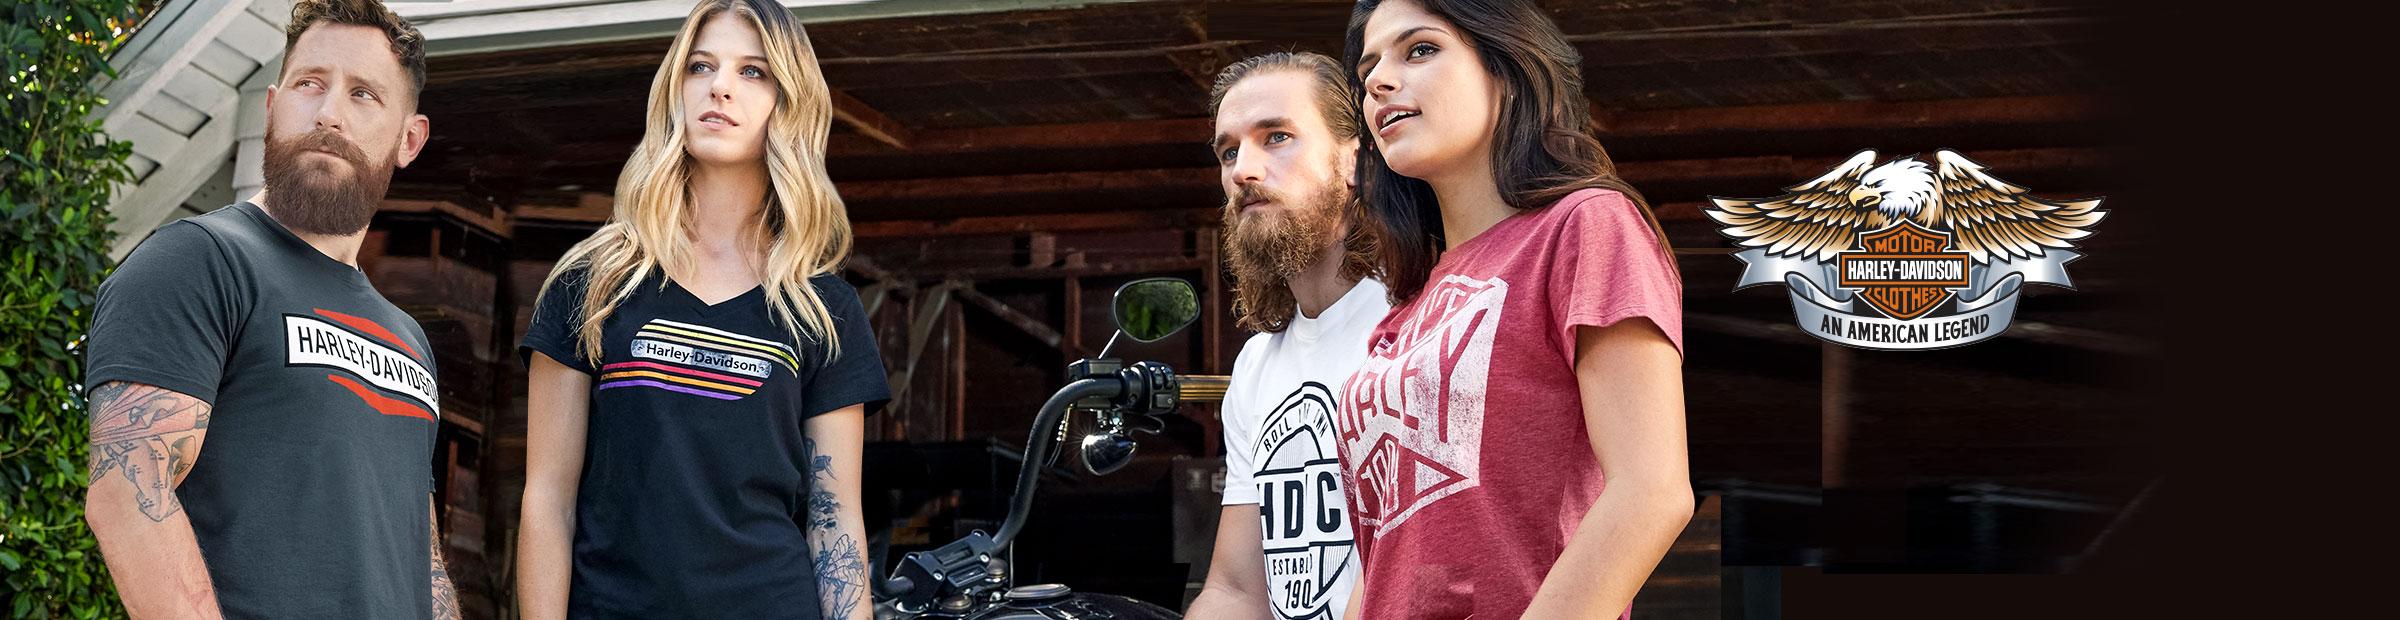 Выглядеть в стиле Harley<sup>®</sup>